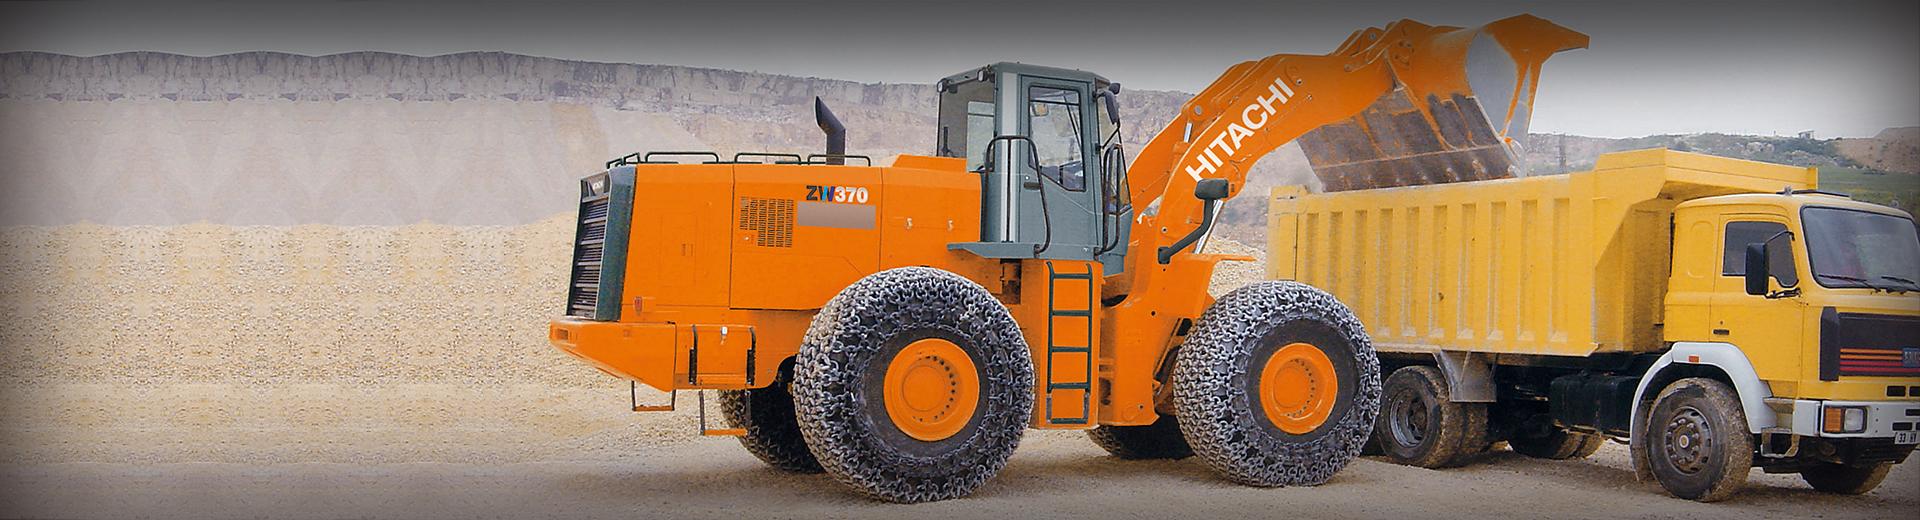 Wheel Loaders ZW 370-1